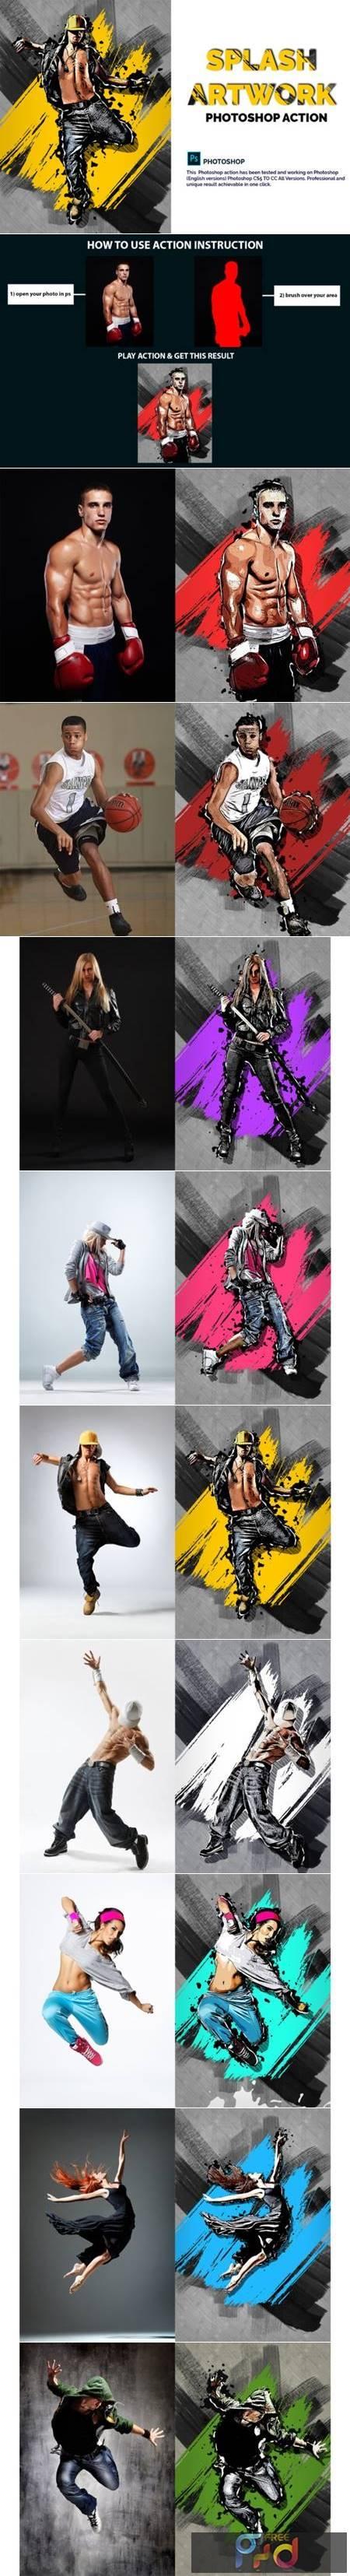 Splash Artwork Photoshop Action 4028784 1